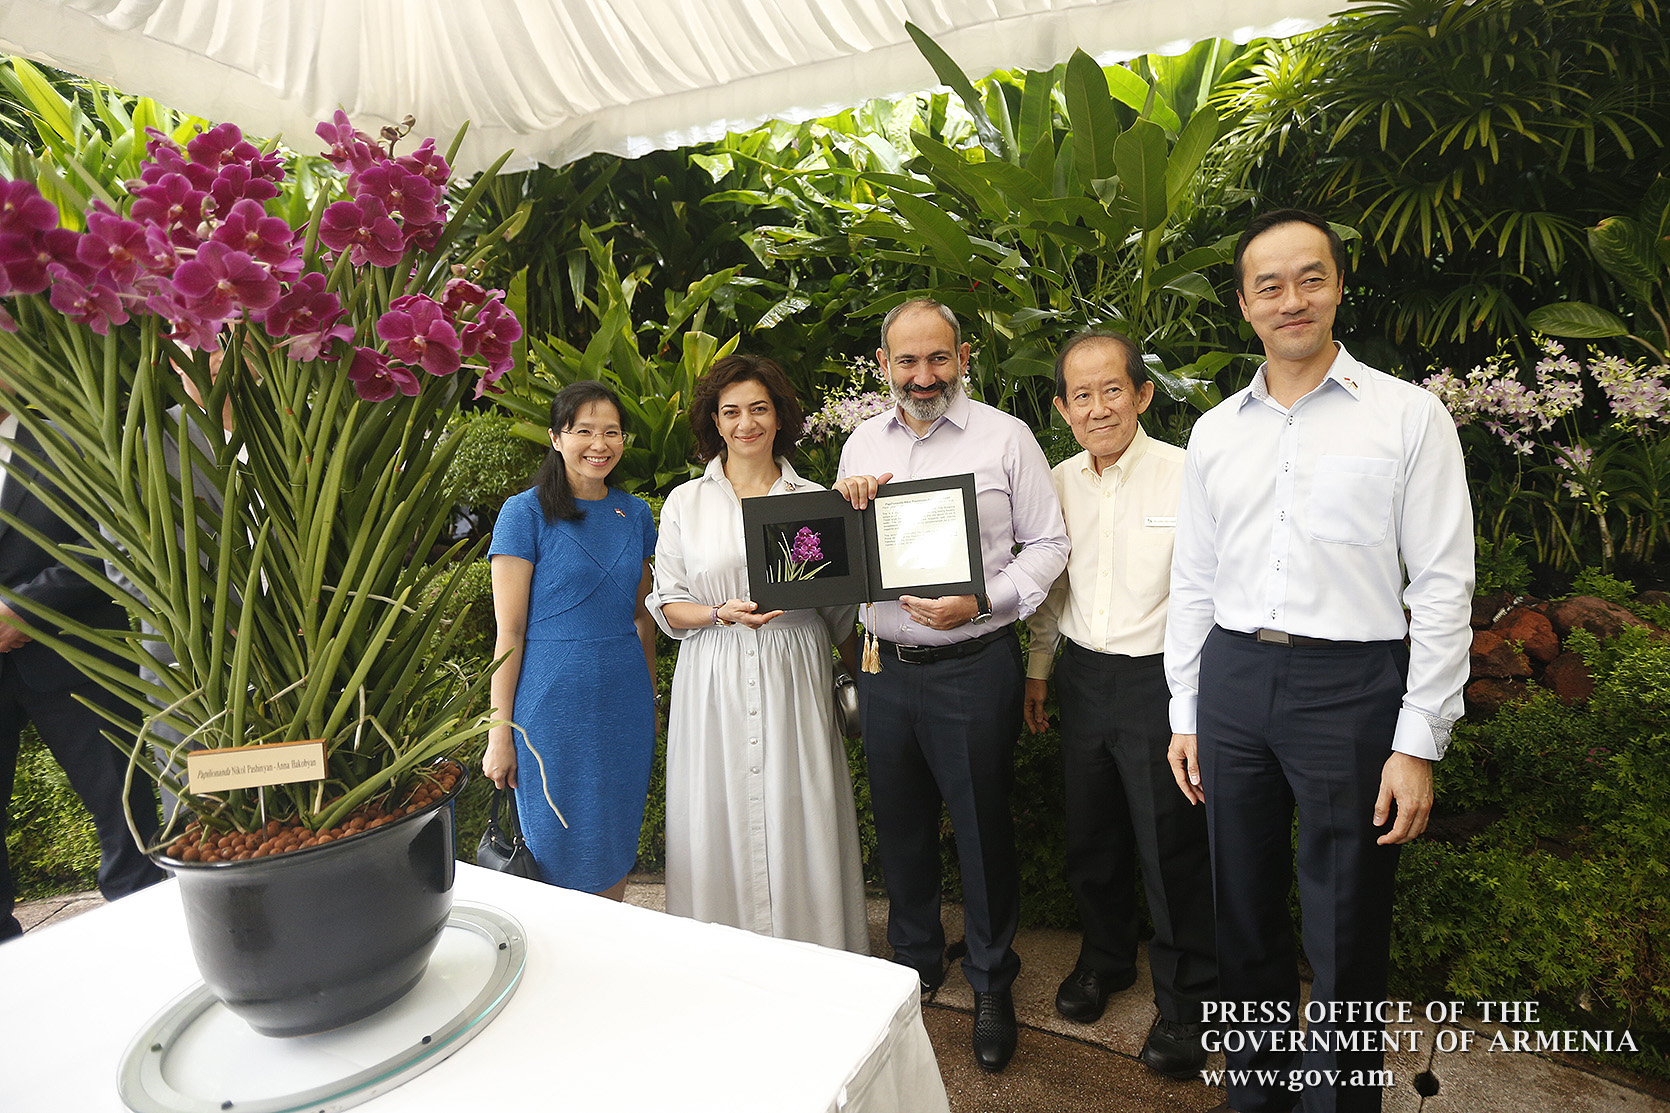 Նիկոլ Փաշինյանը և Աննա Հակոբյանն այցելել են Սինգապուրի բուսաբանական այգի